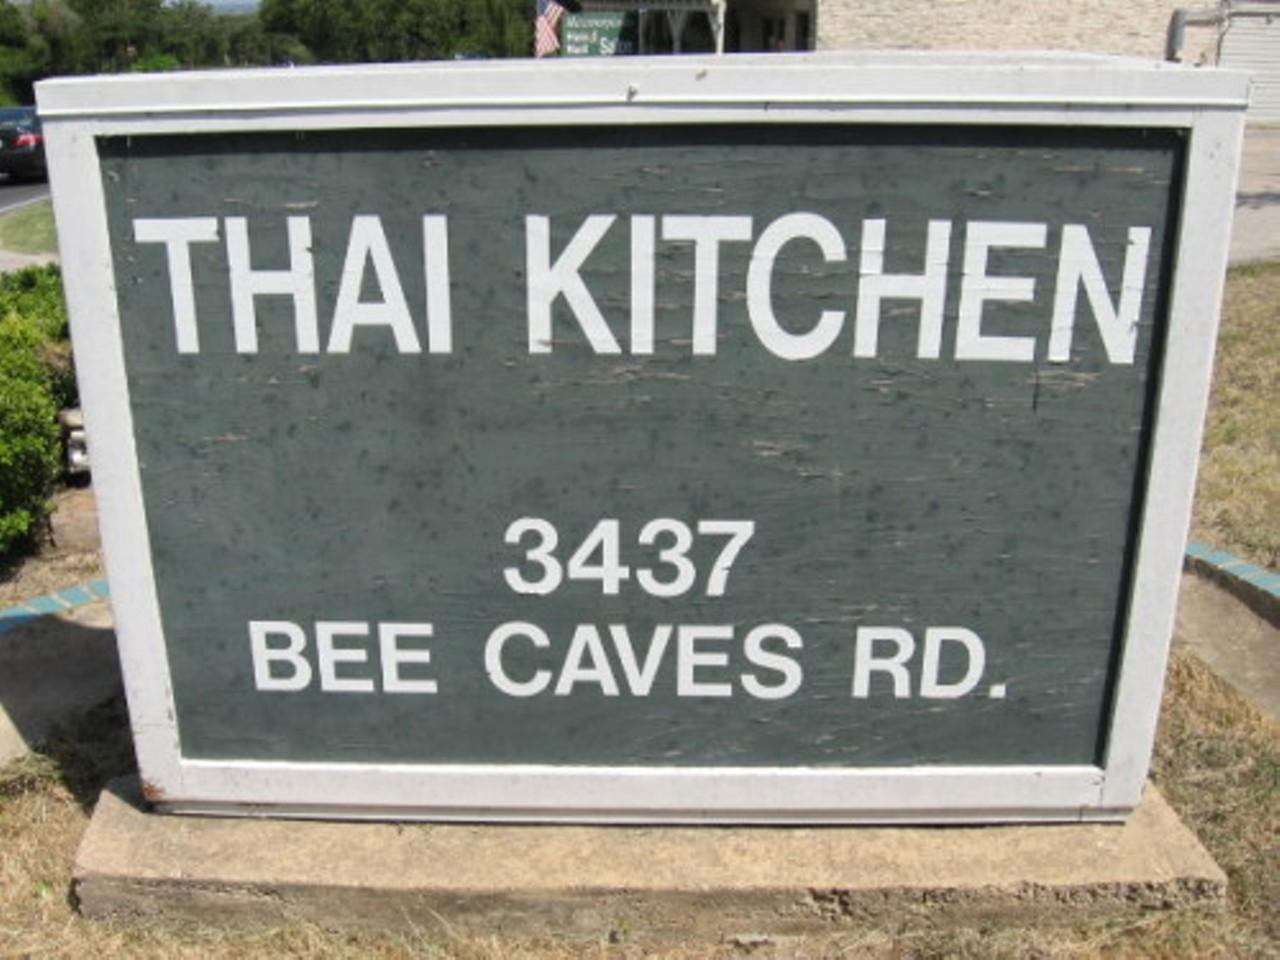 Thai Kitchen Menu Maryland Heights